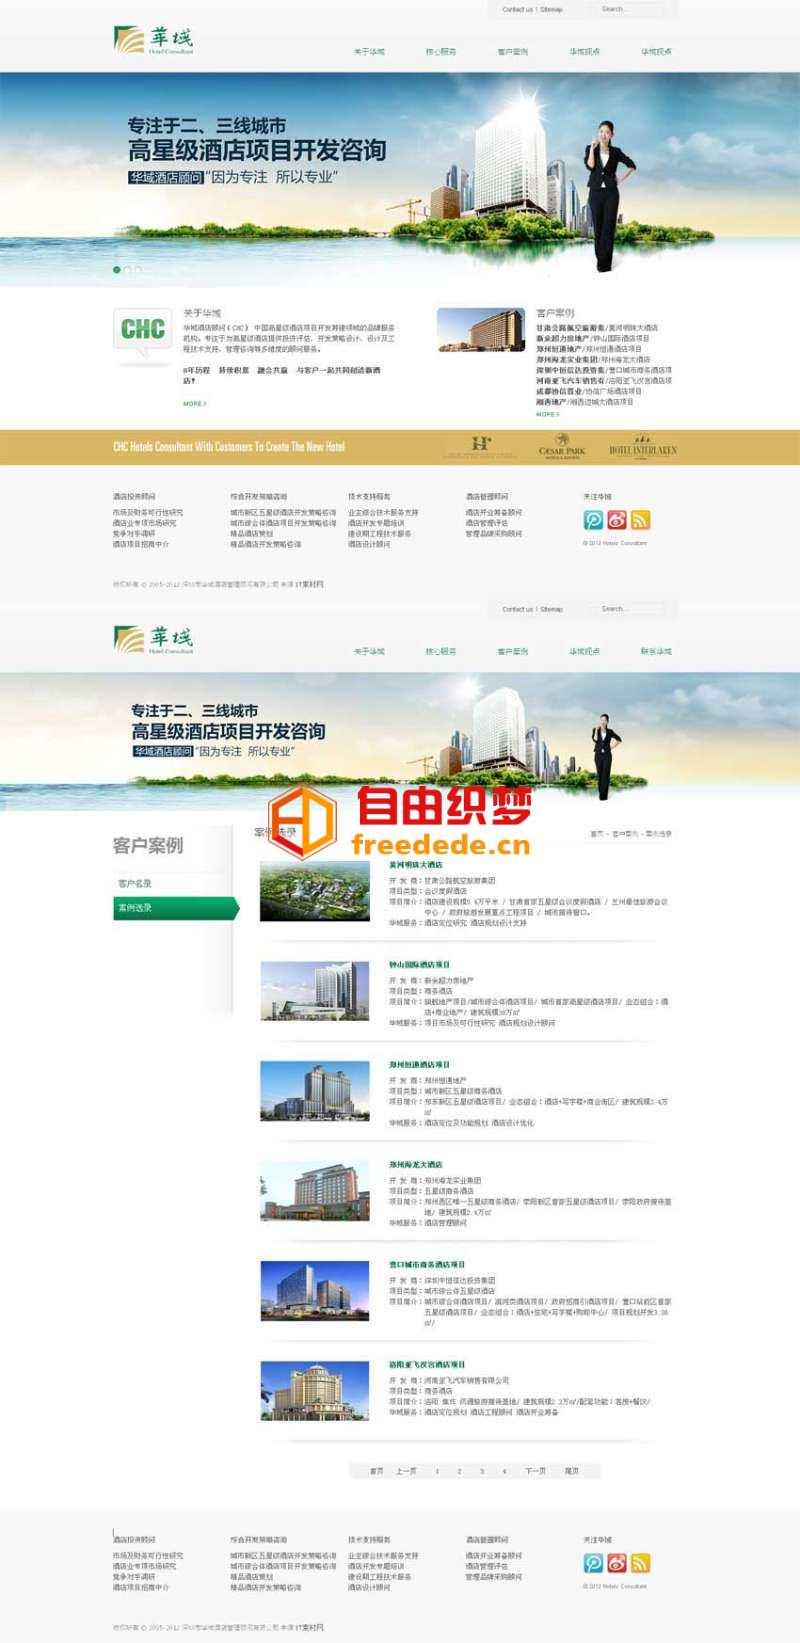 爱上源码网文章大气的房地产开发公司网站模板html下载的内容插图